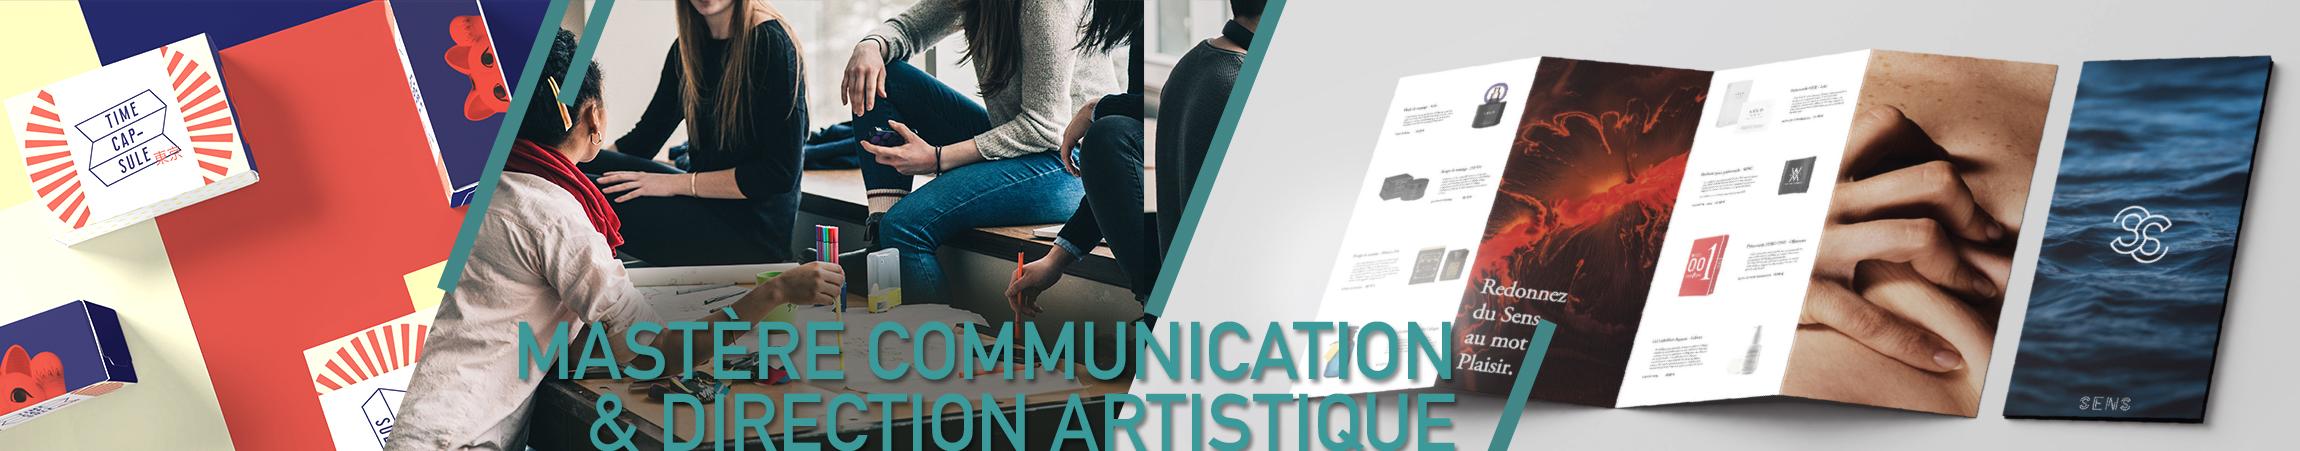 Comart-Design-Paris-Formation-MASTERE Communication